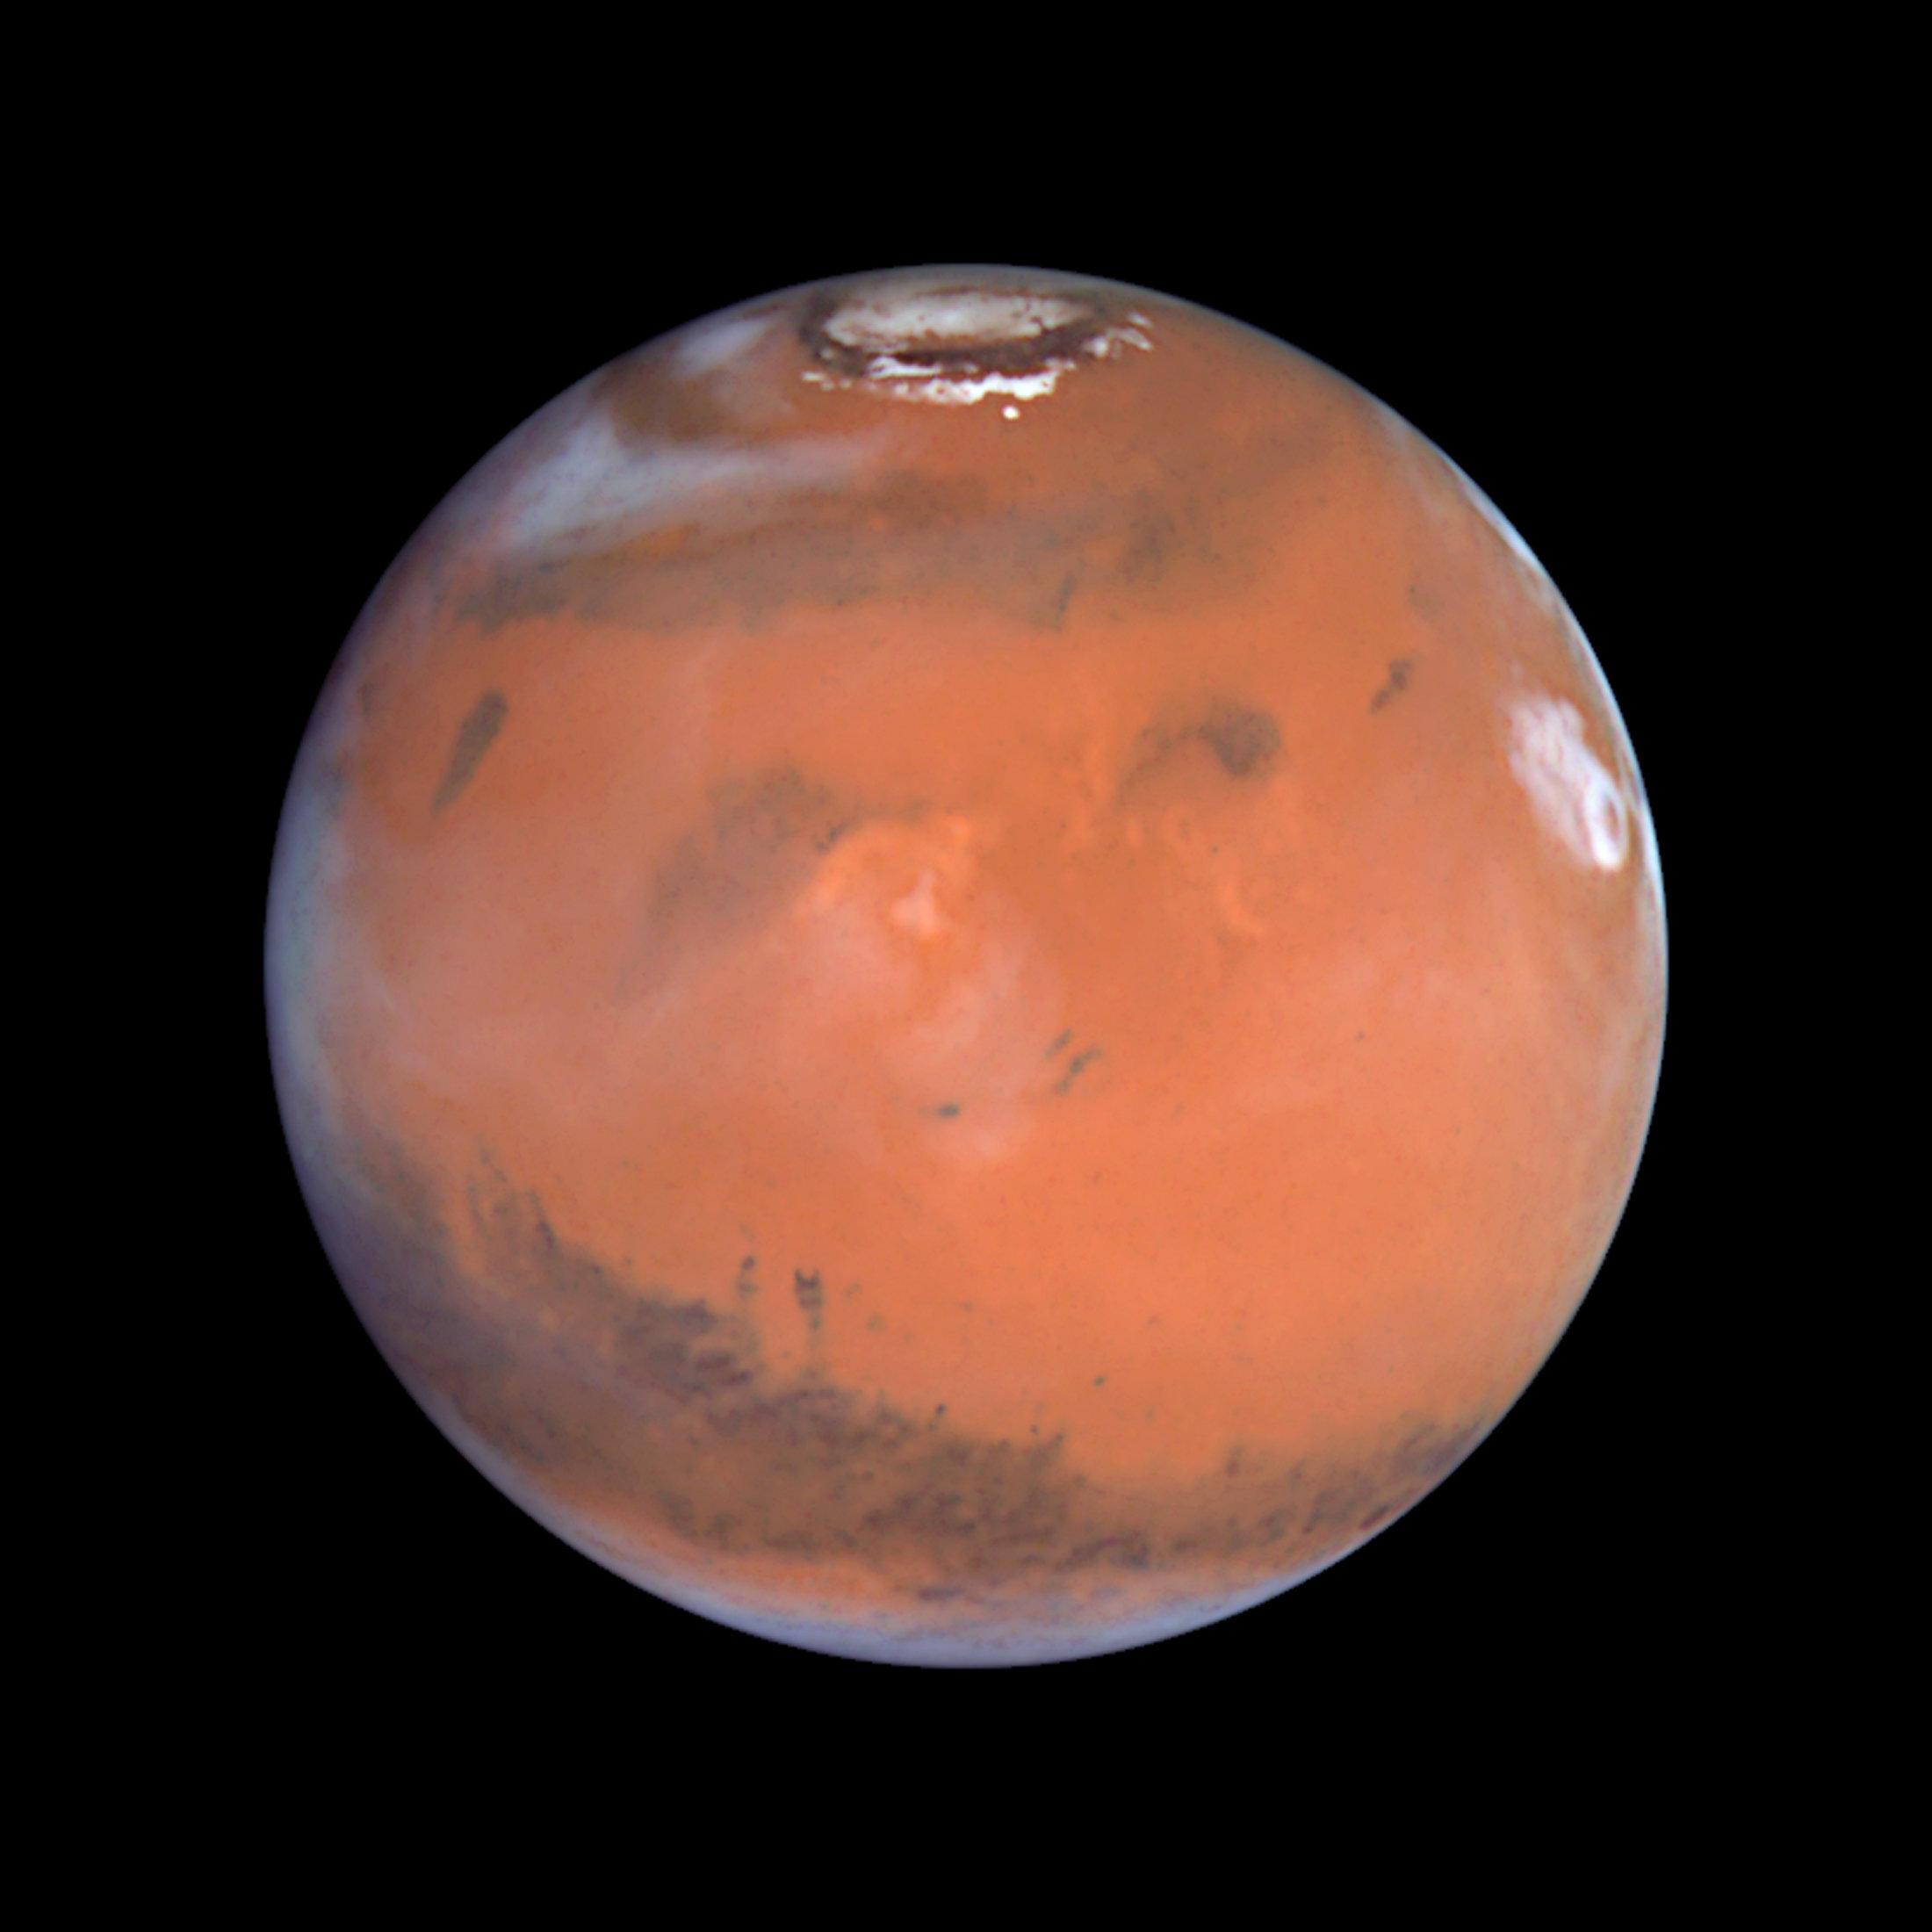 Mars Astronauts Must Prepare For 'Non-Survivable'